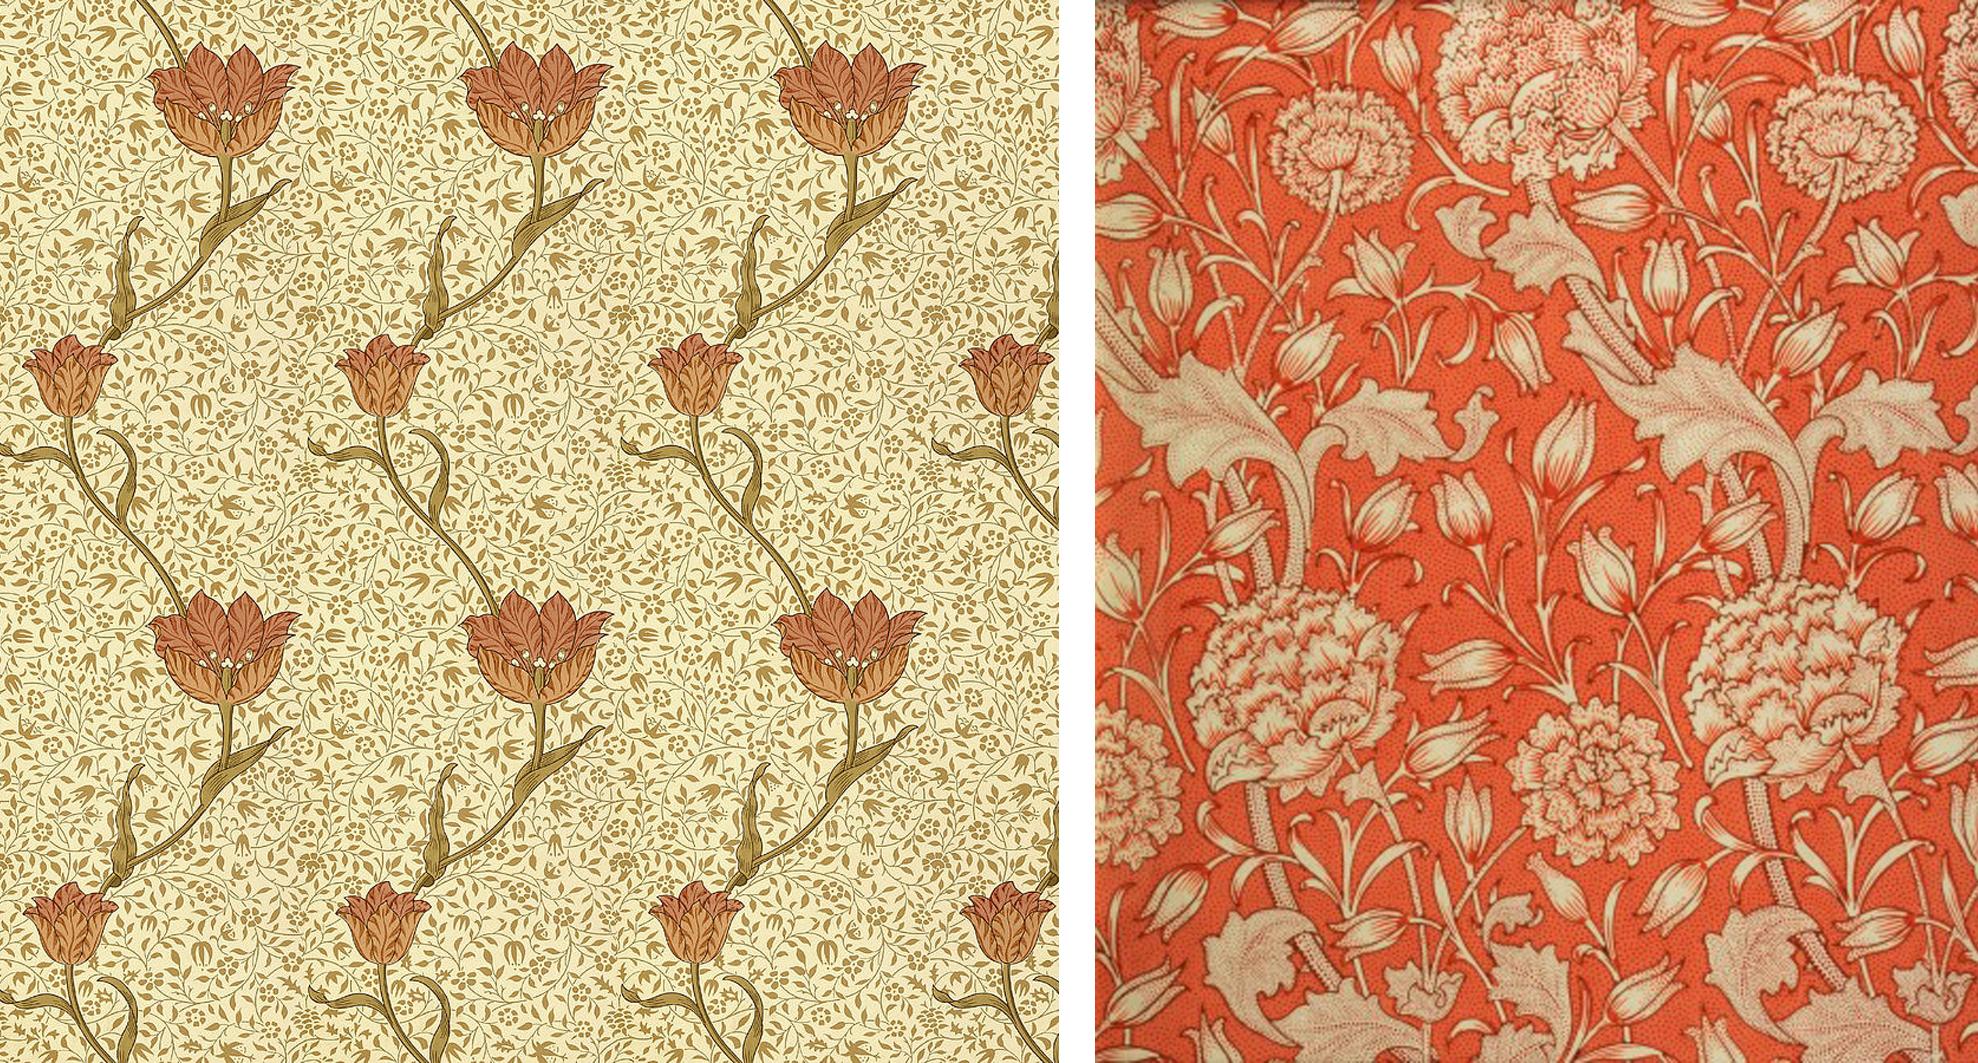 William Morris : GardenTulip                                      William Morris : Wild Tulip